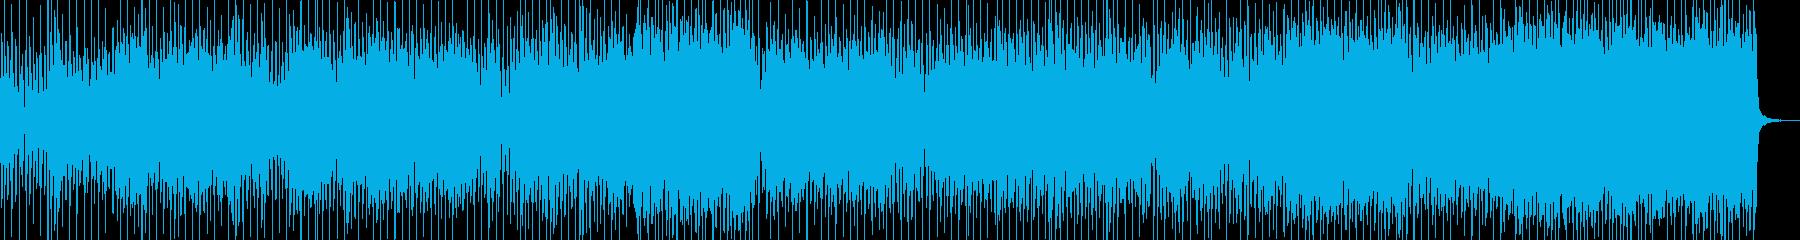 キャッチーなアップビートポップ/ロ...の再生済みの波形